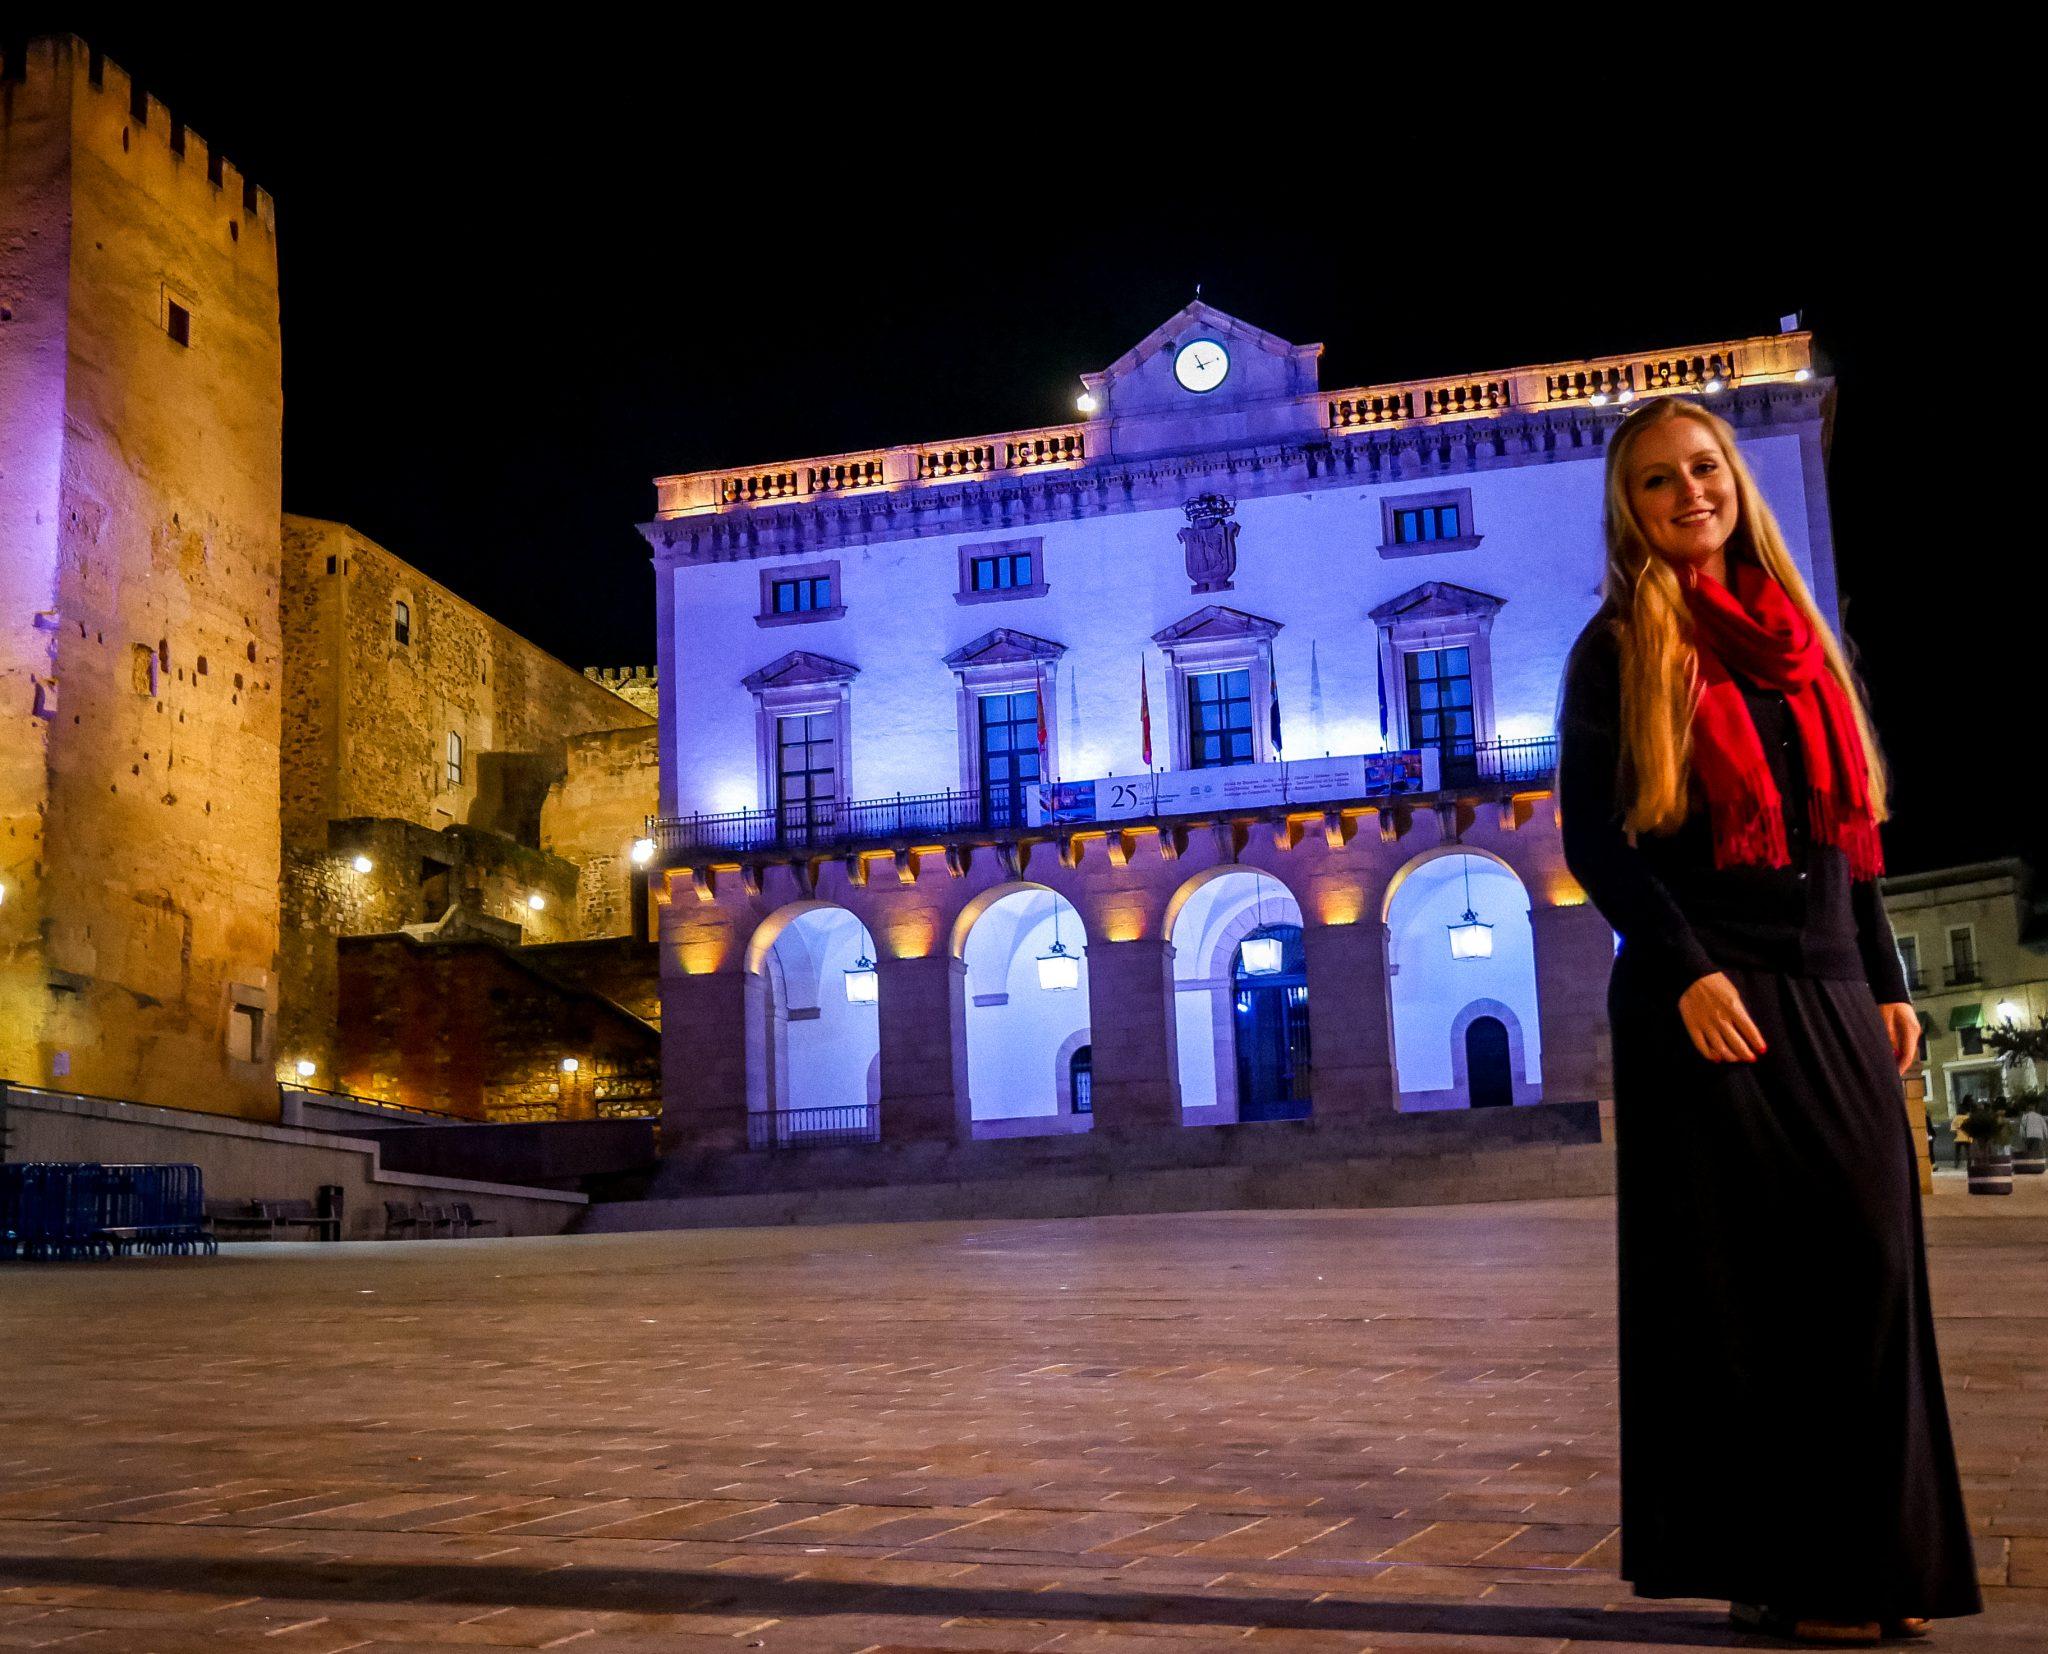 Das Rathaus von Cáceres wird am Abend wunderschön angestrahlt.